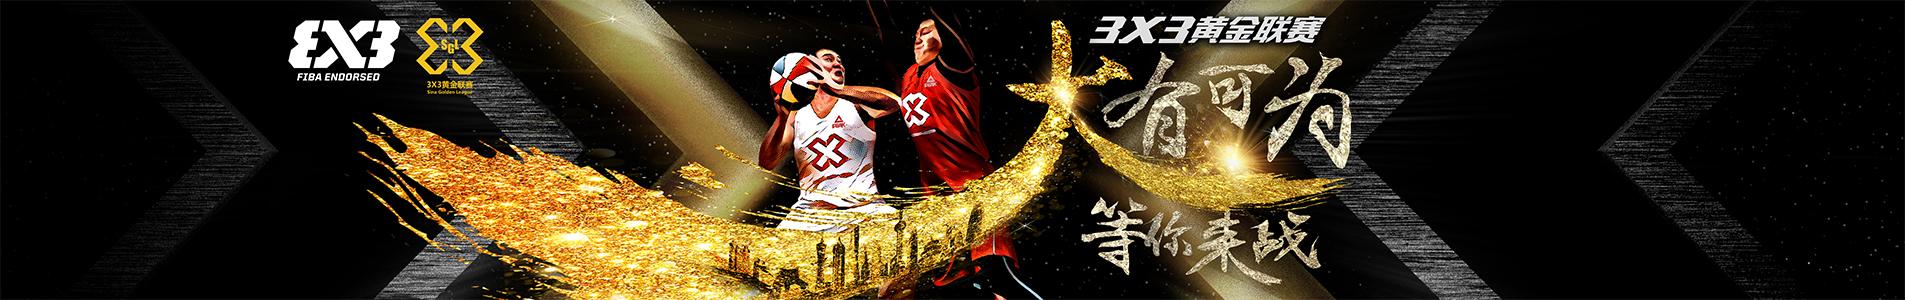 2017新浪3X3篮球黄金联赛banner图